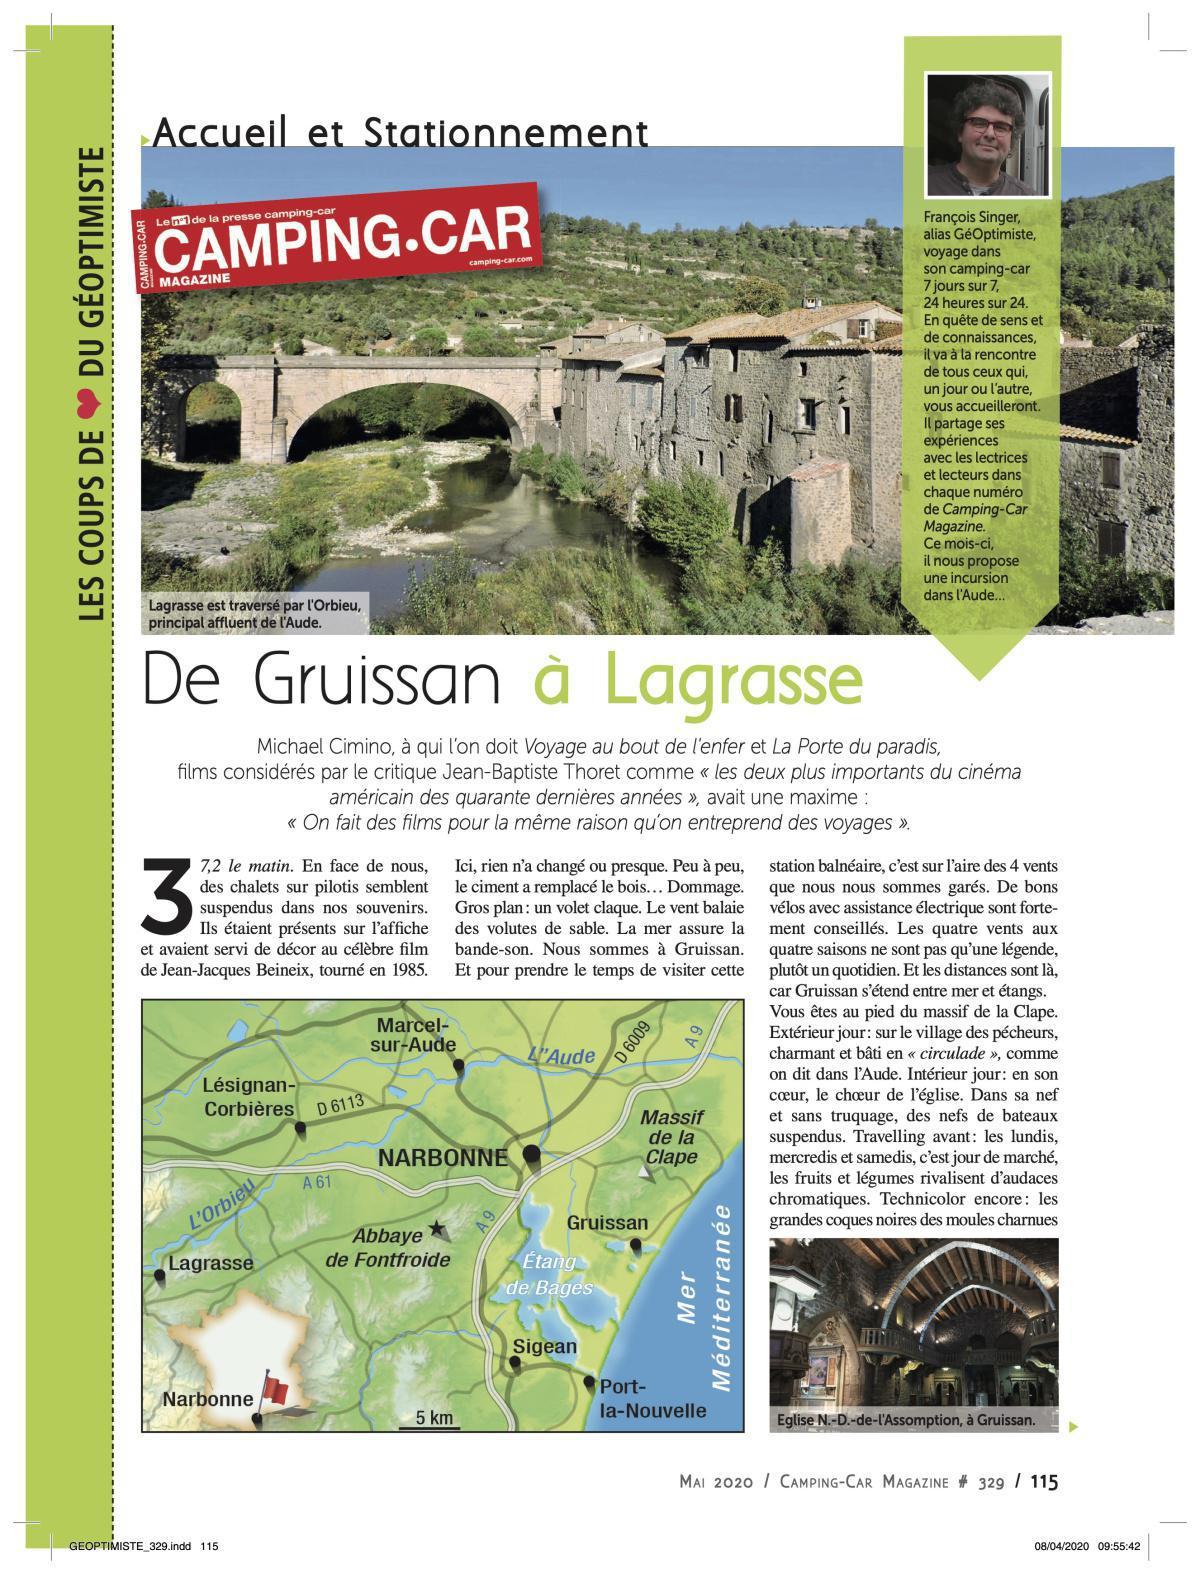 De Gruissan à Lagrasse - CCM 329